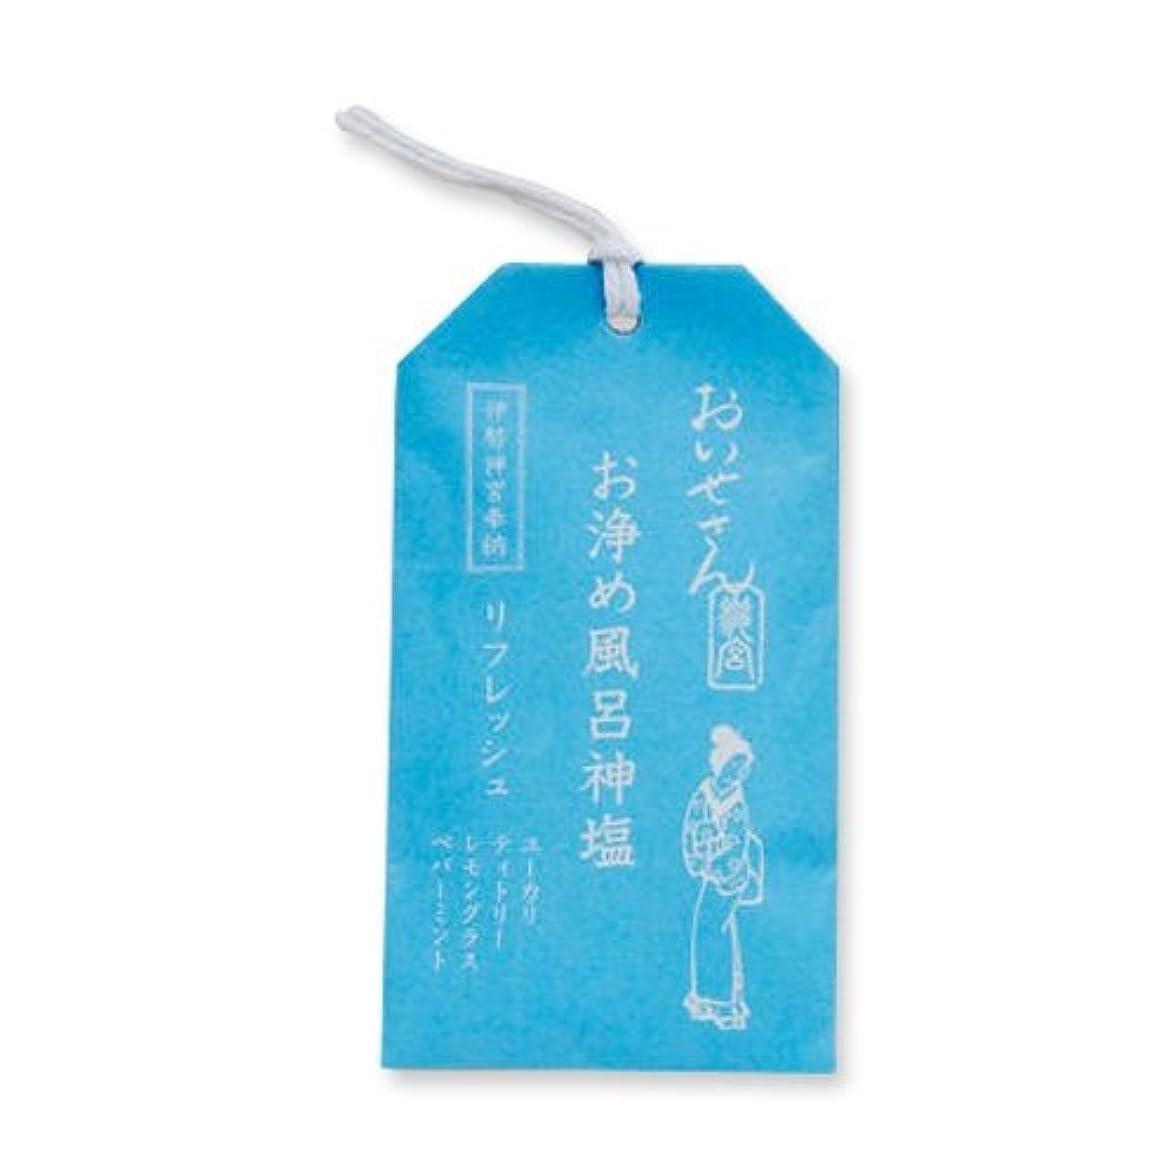 効率的にルビー人口おいせさん お浄め風呂神塩 バス用ソルト(リフレッシュ) 20g